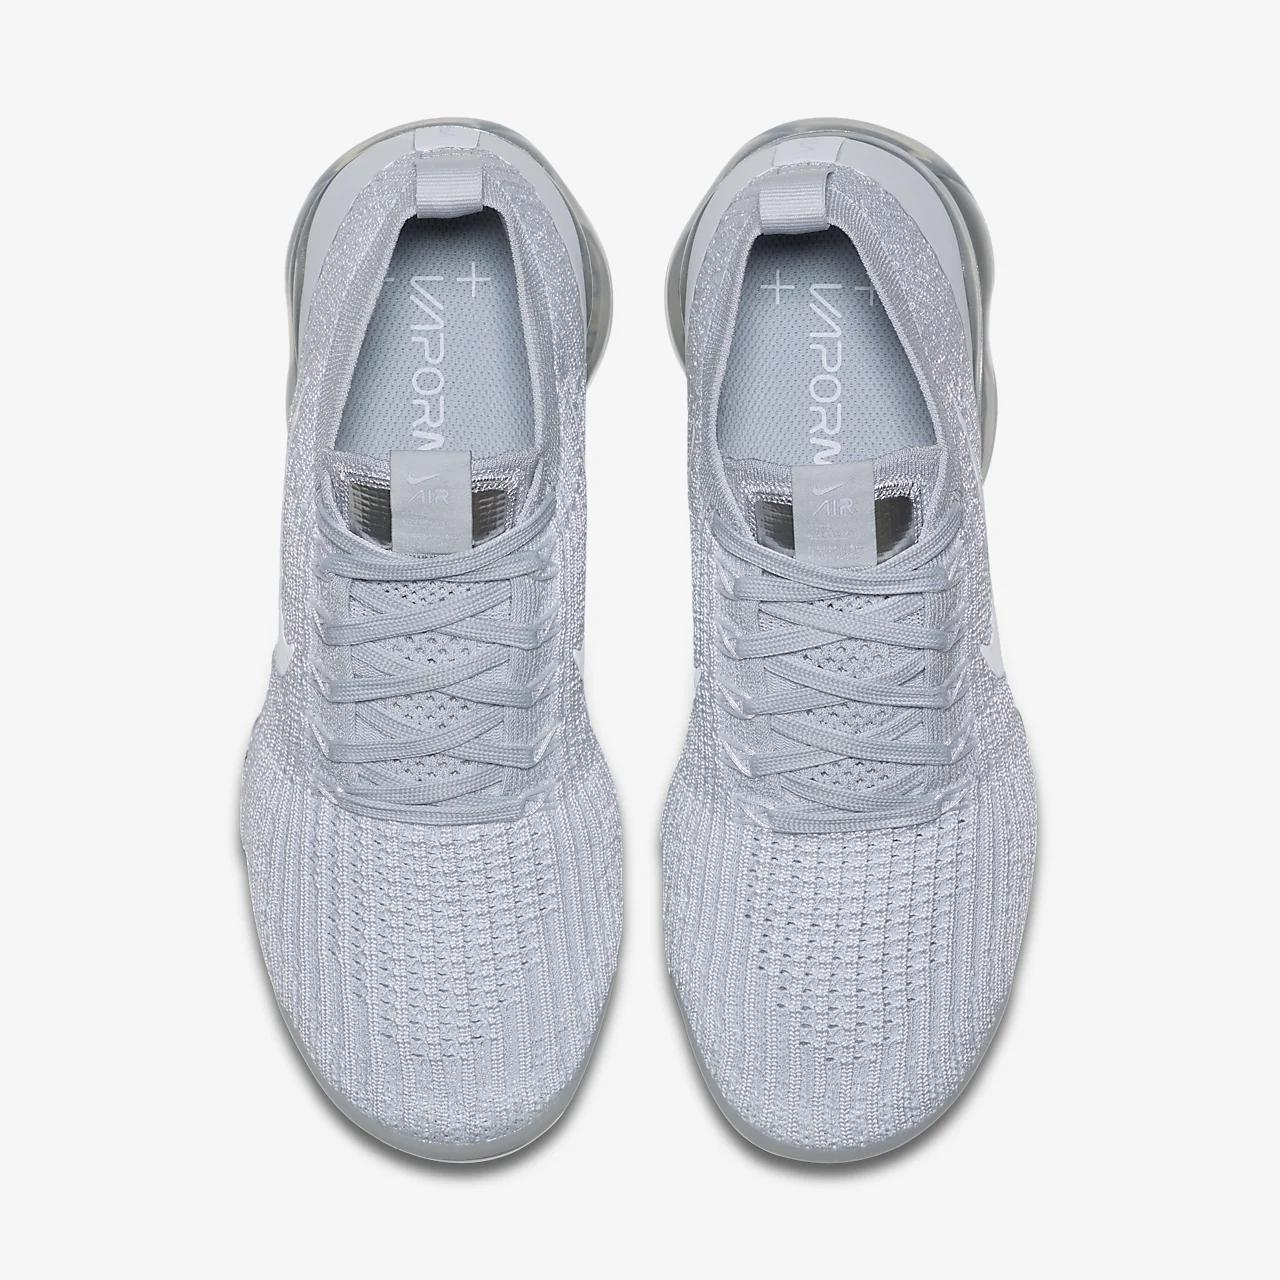 나이키 에어 베이퍼맥스 플라이니트 3 여성 신발 AJ6910-100